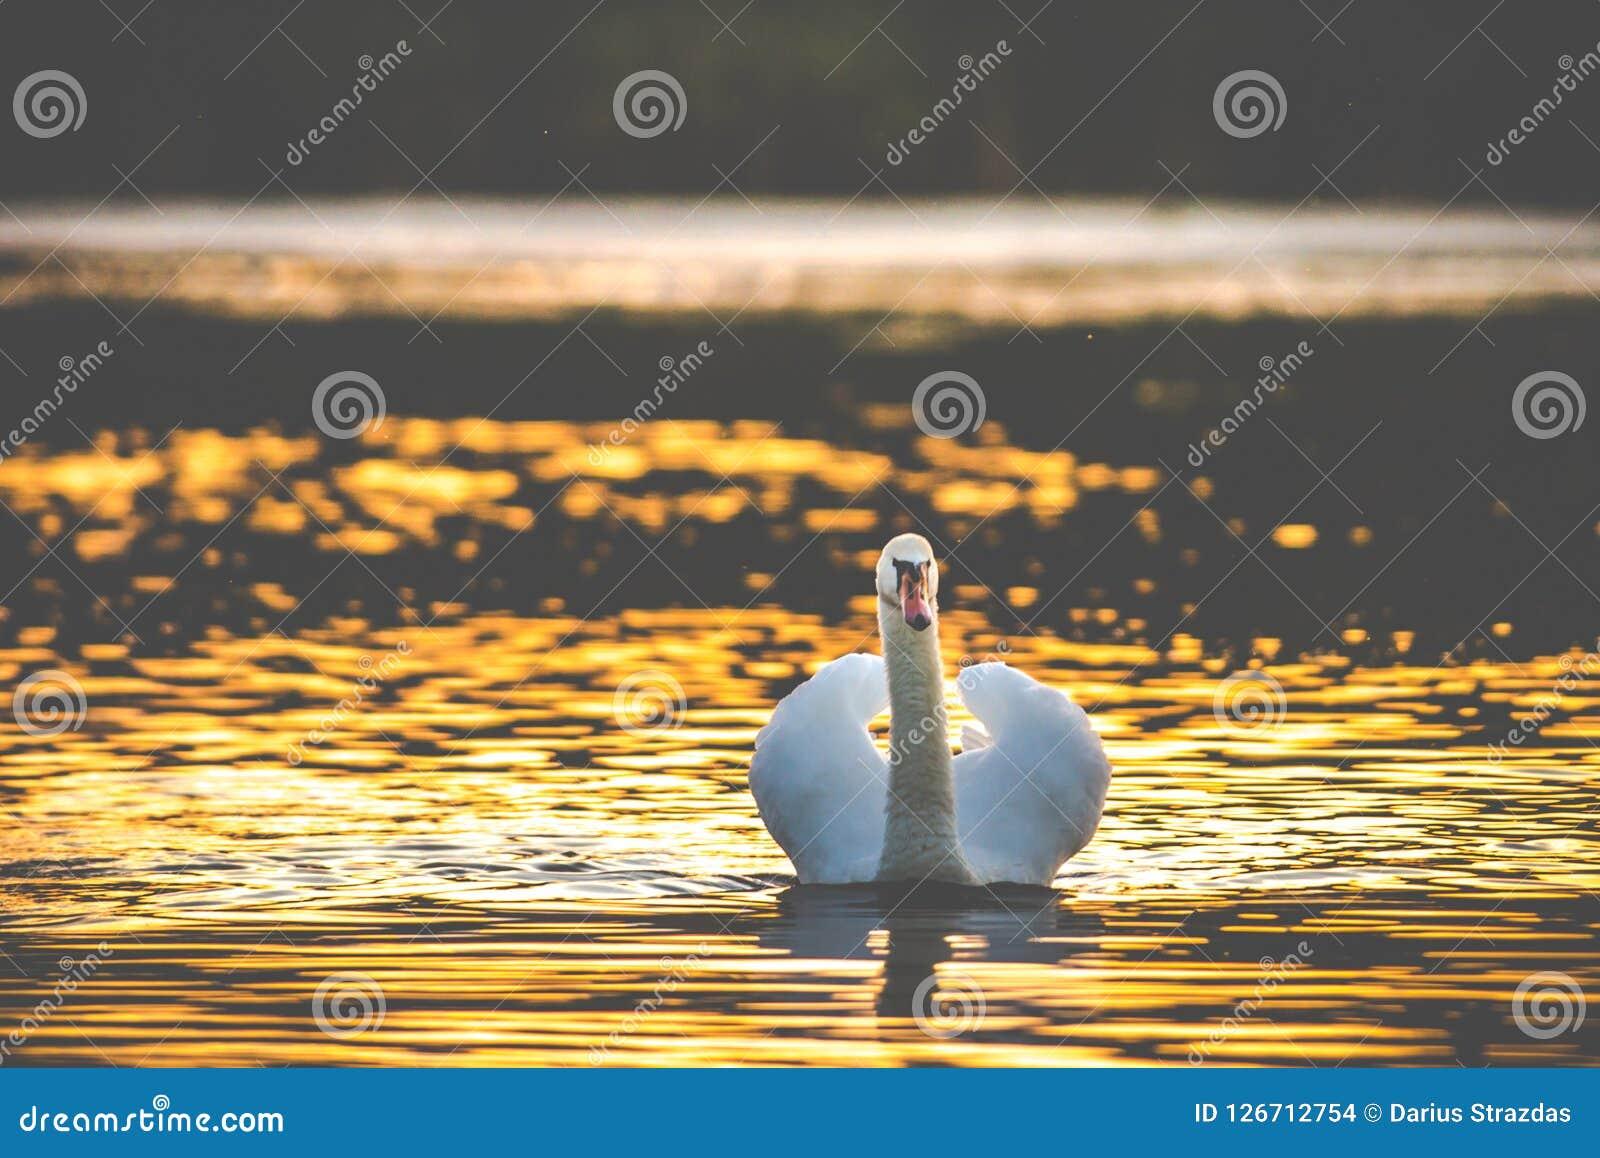 一只白色疣鼻天鹅在湖